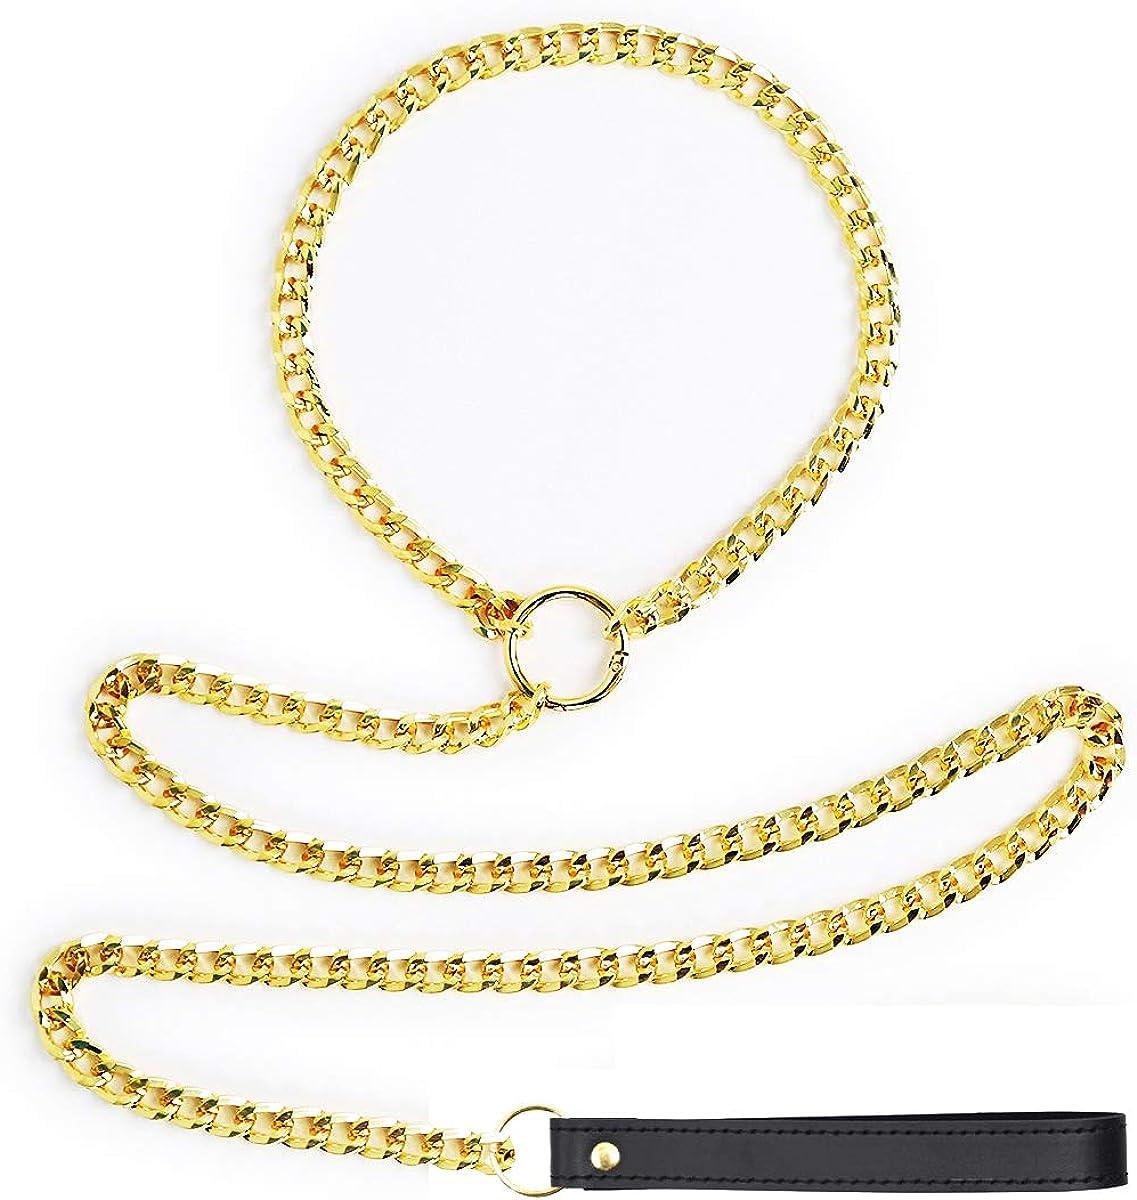 LEWECEEO Women Men Choker Chain Necklace O-Ring Collar Choker